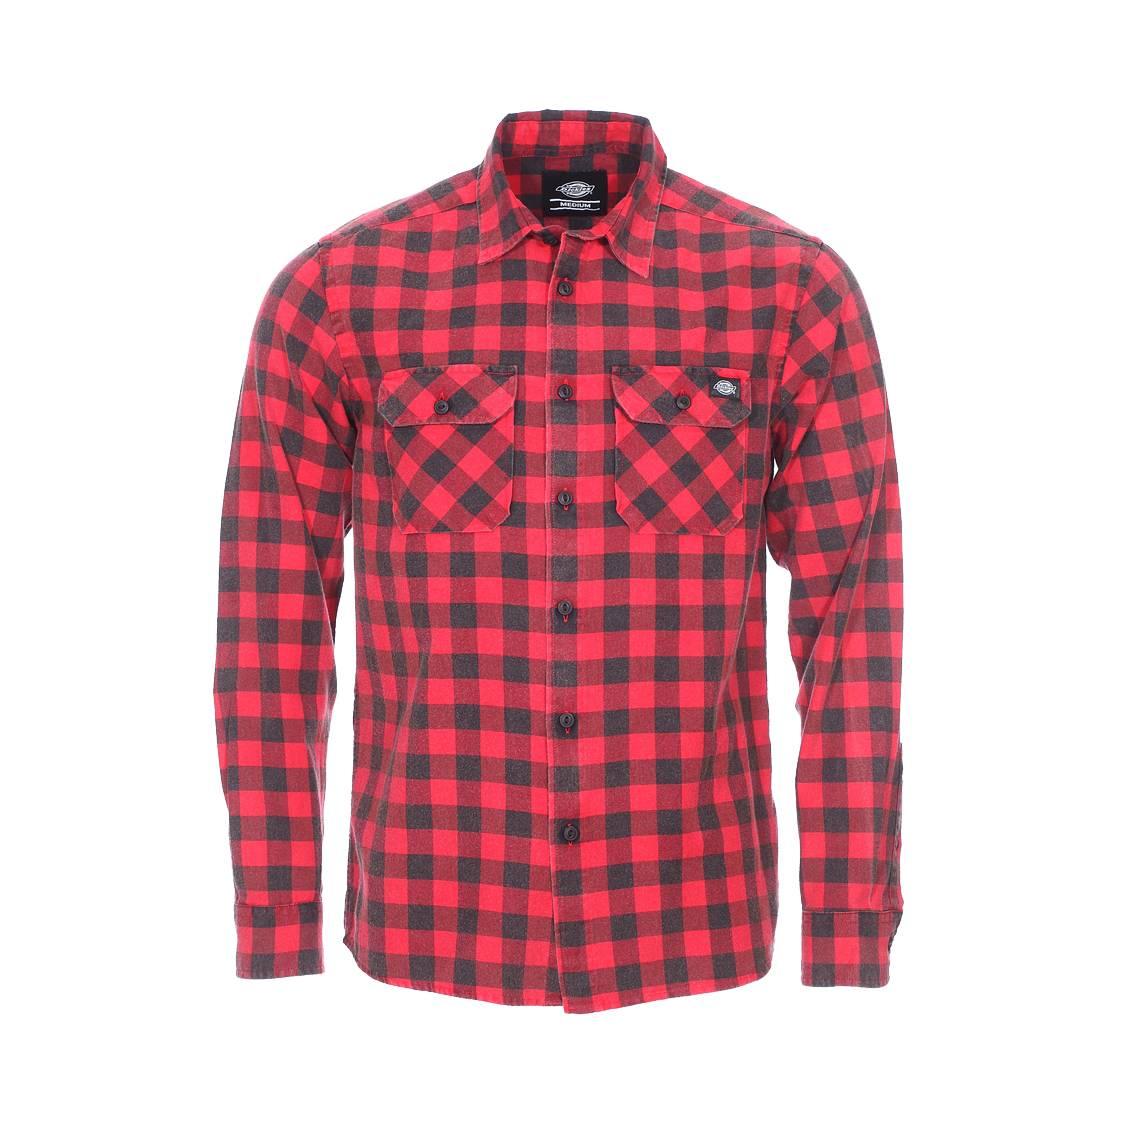 Chemise droite  rock hall en coton à carreaux rouges et noirs